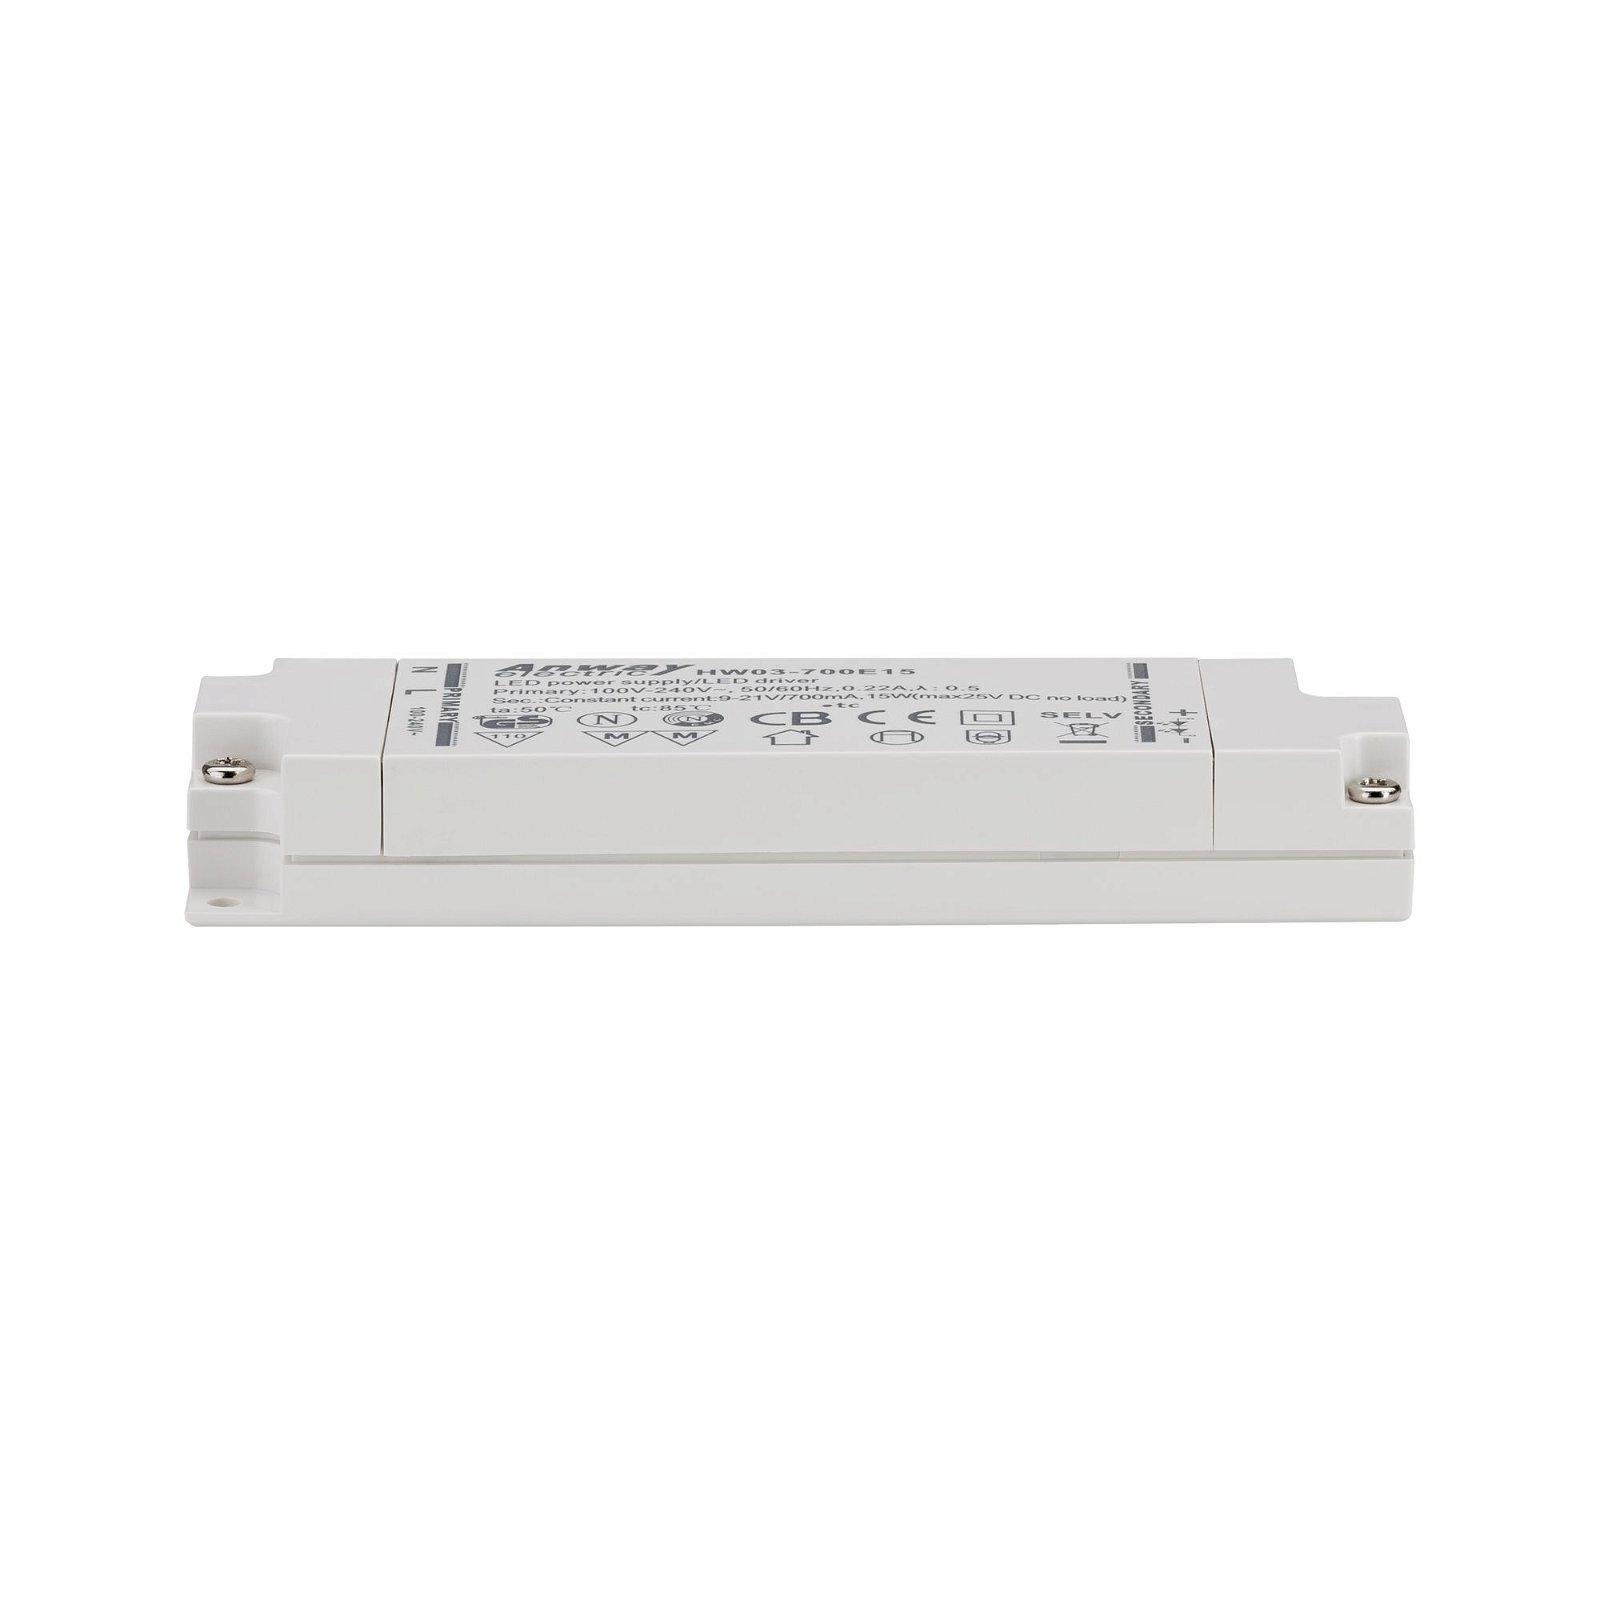 Driver LED 230V 6-15VA Blanc